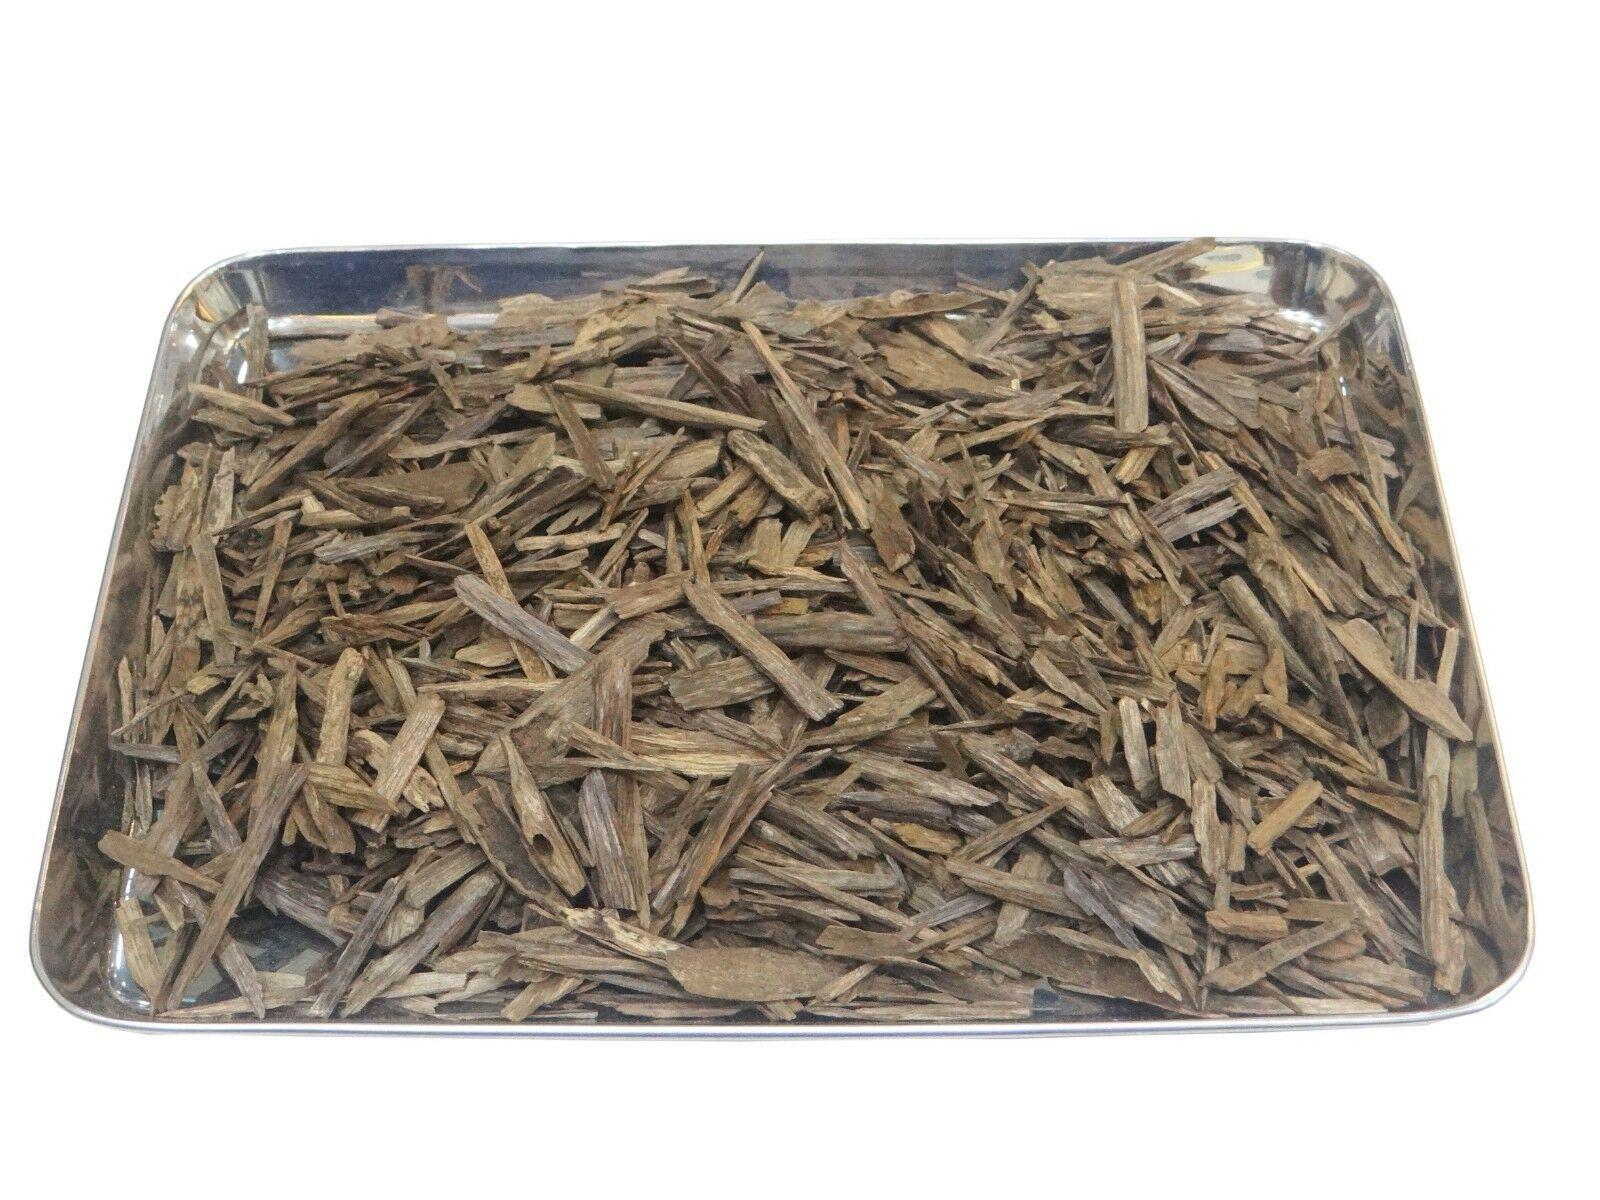 Agarwood Oudh Chips India Incense Sella A+ Grade 2g